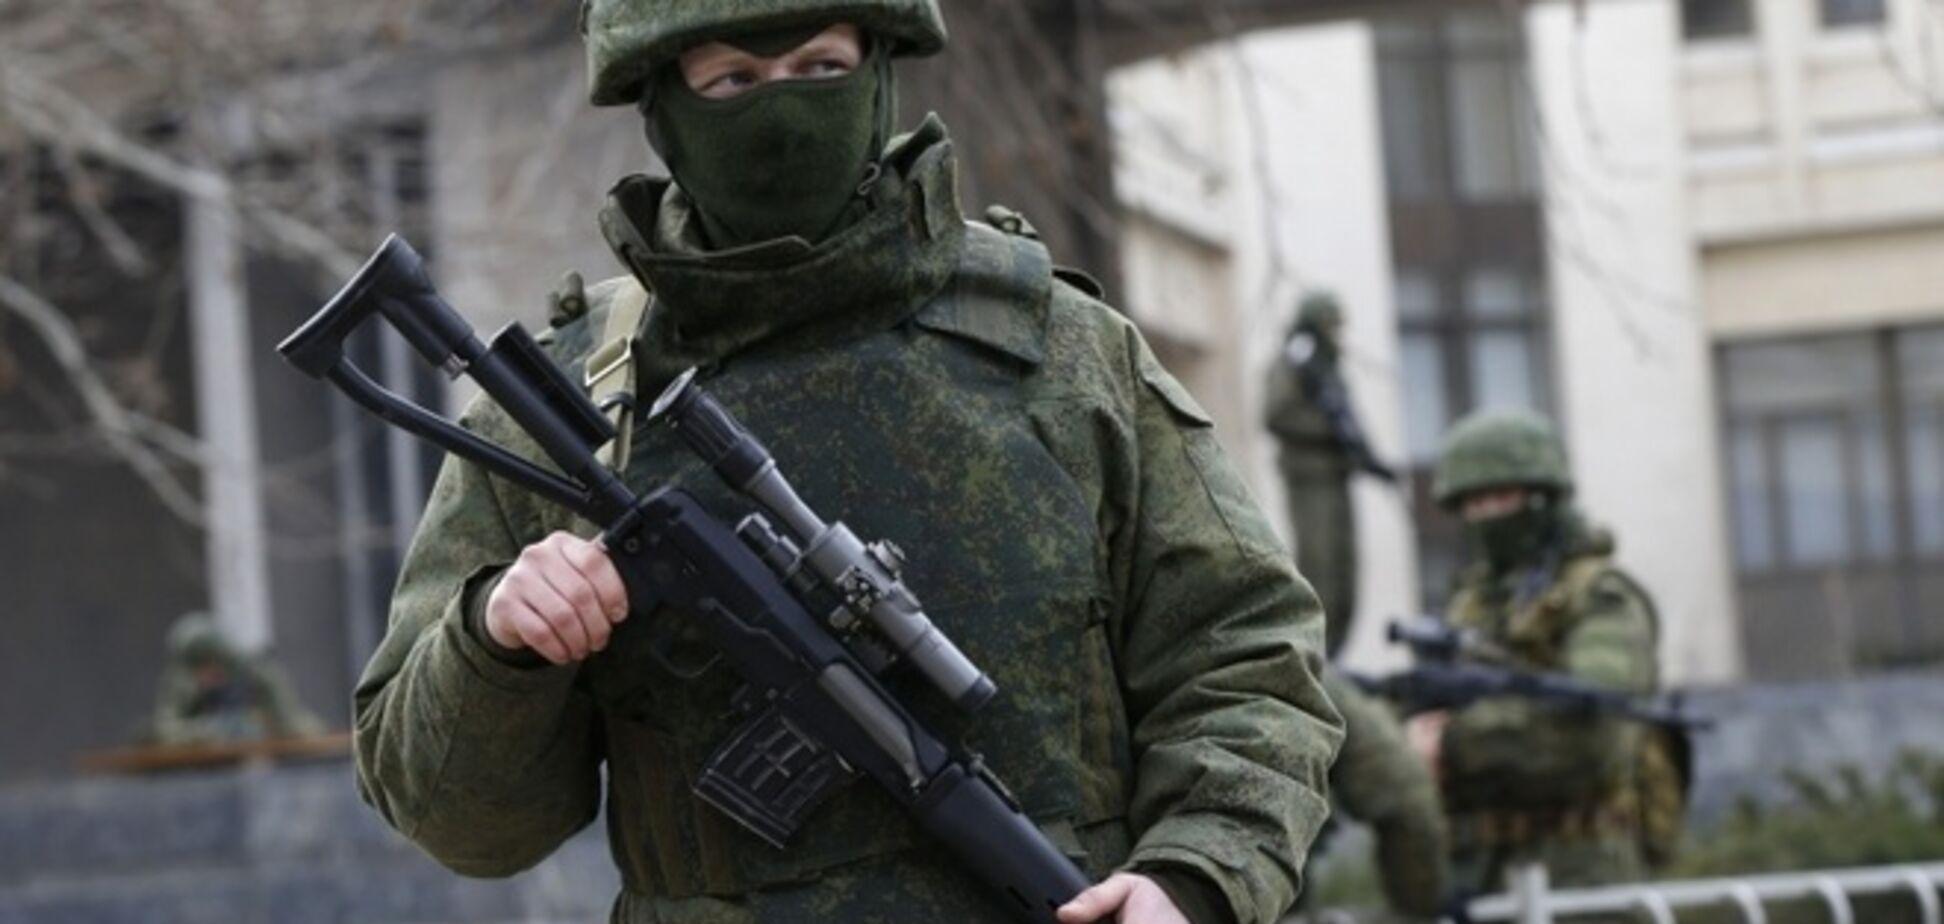 Бойцы АТО получили партию поддельных бронежилетов со Львова